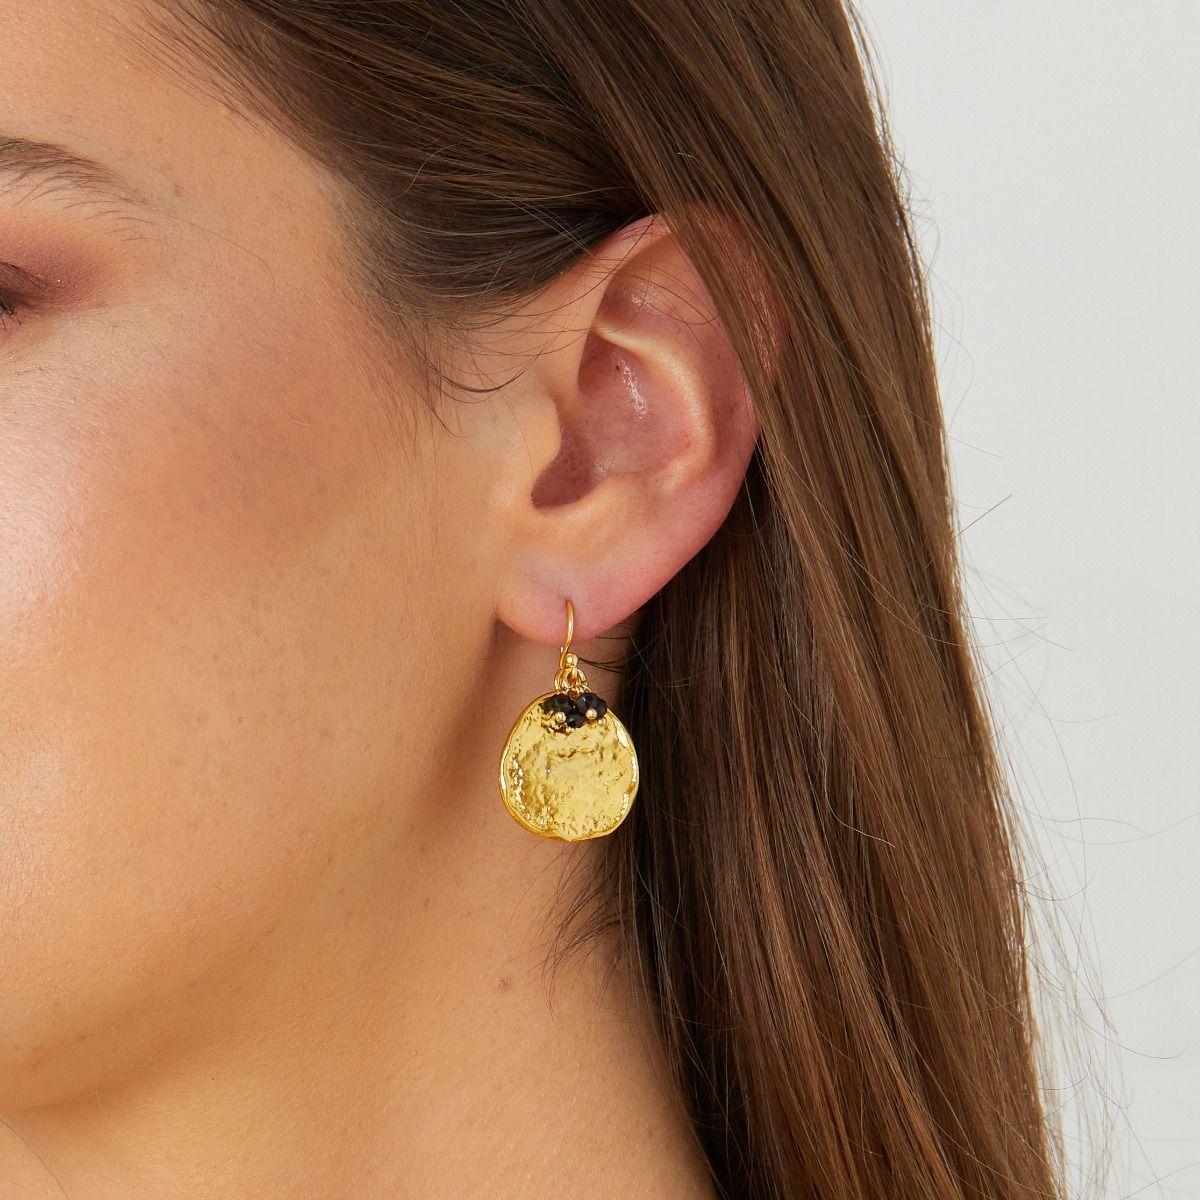 solange earring